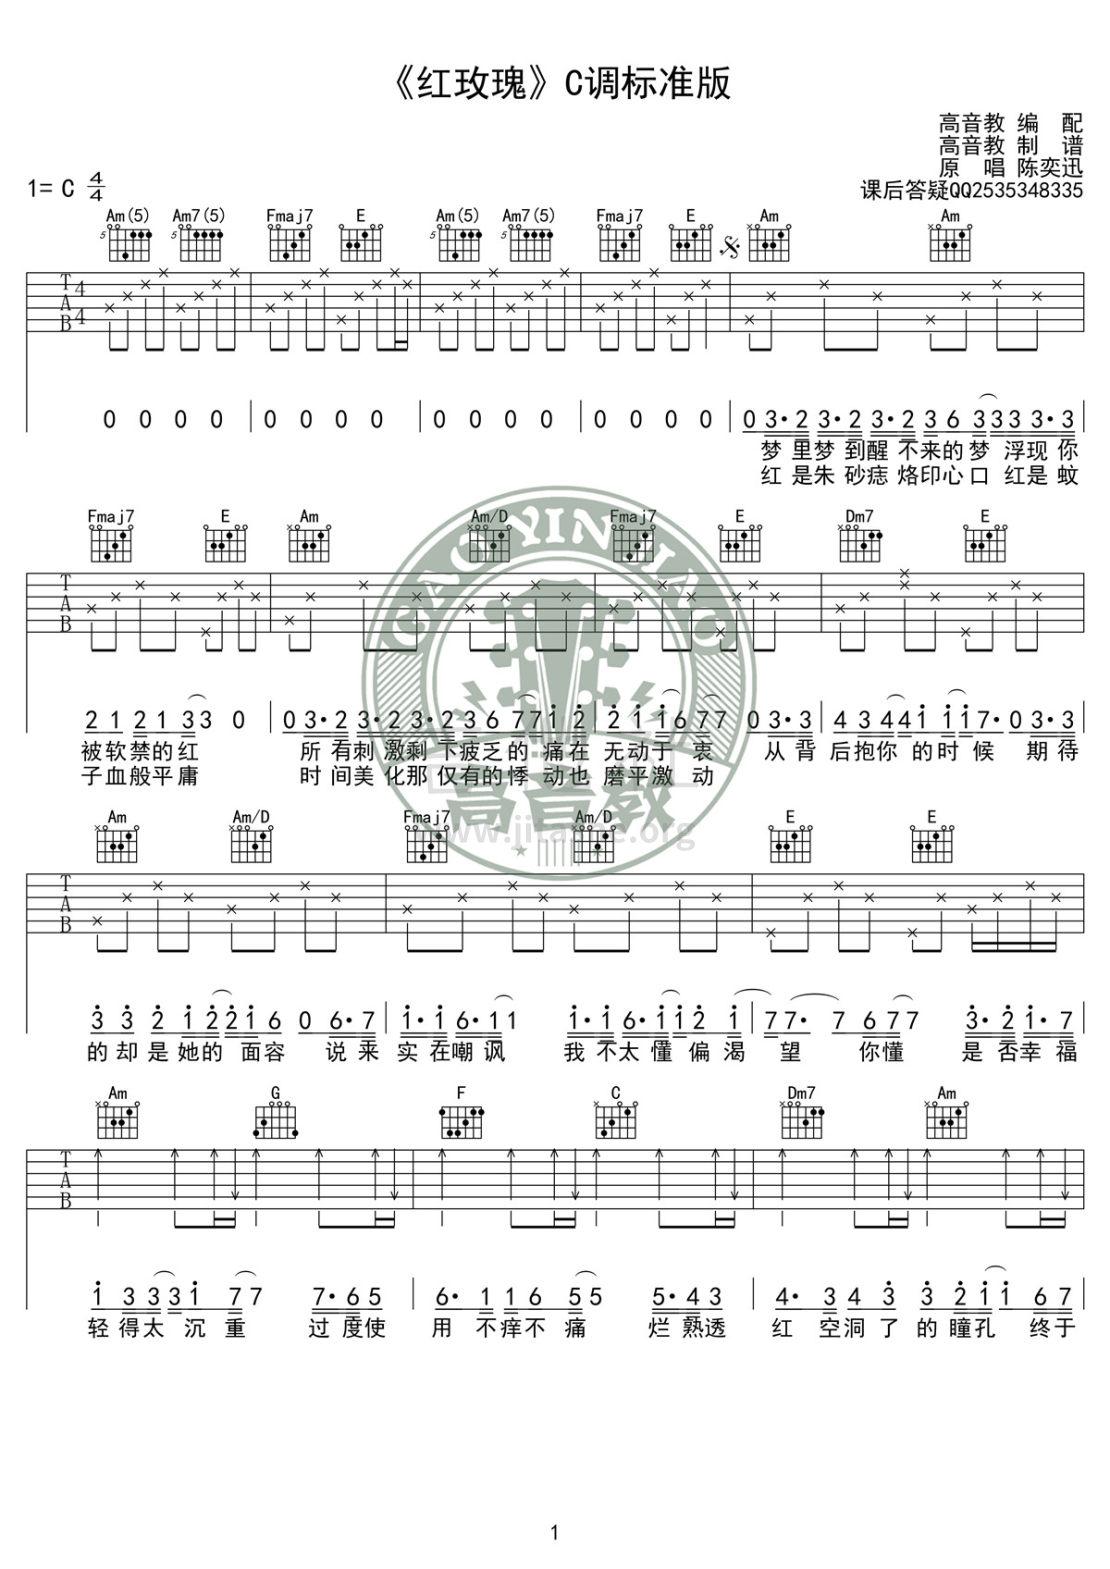 红玫瑰(C调标准版高清版陈奕迅 高音教编配)吉他谱(图片谱,弹唱,C调)_陈奕迅(Eason Chan)_《红玫瑰》C调标准版01.jpg